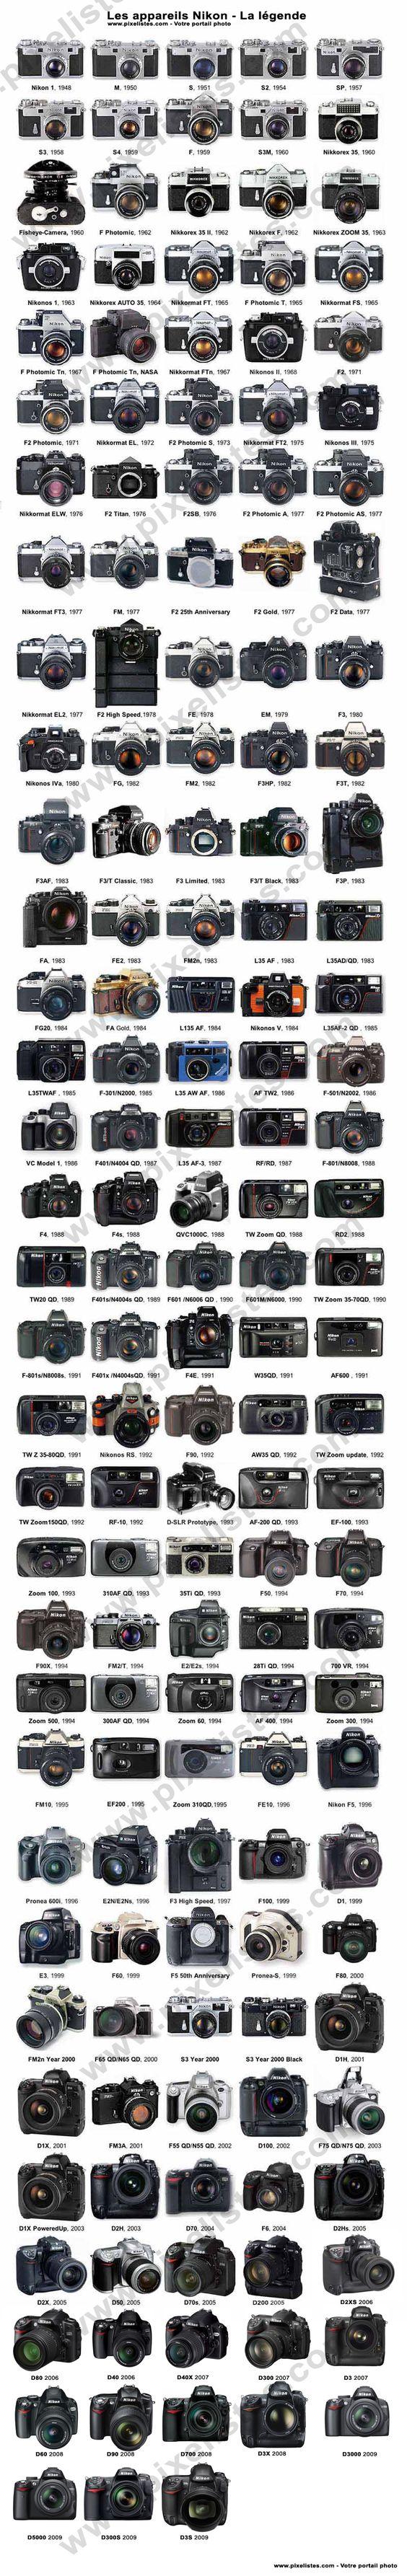 Faire la collection de tous les boitiers photo Nikon.    Je n'en ai que 6 !